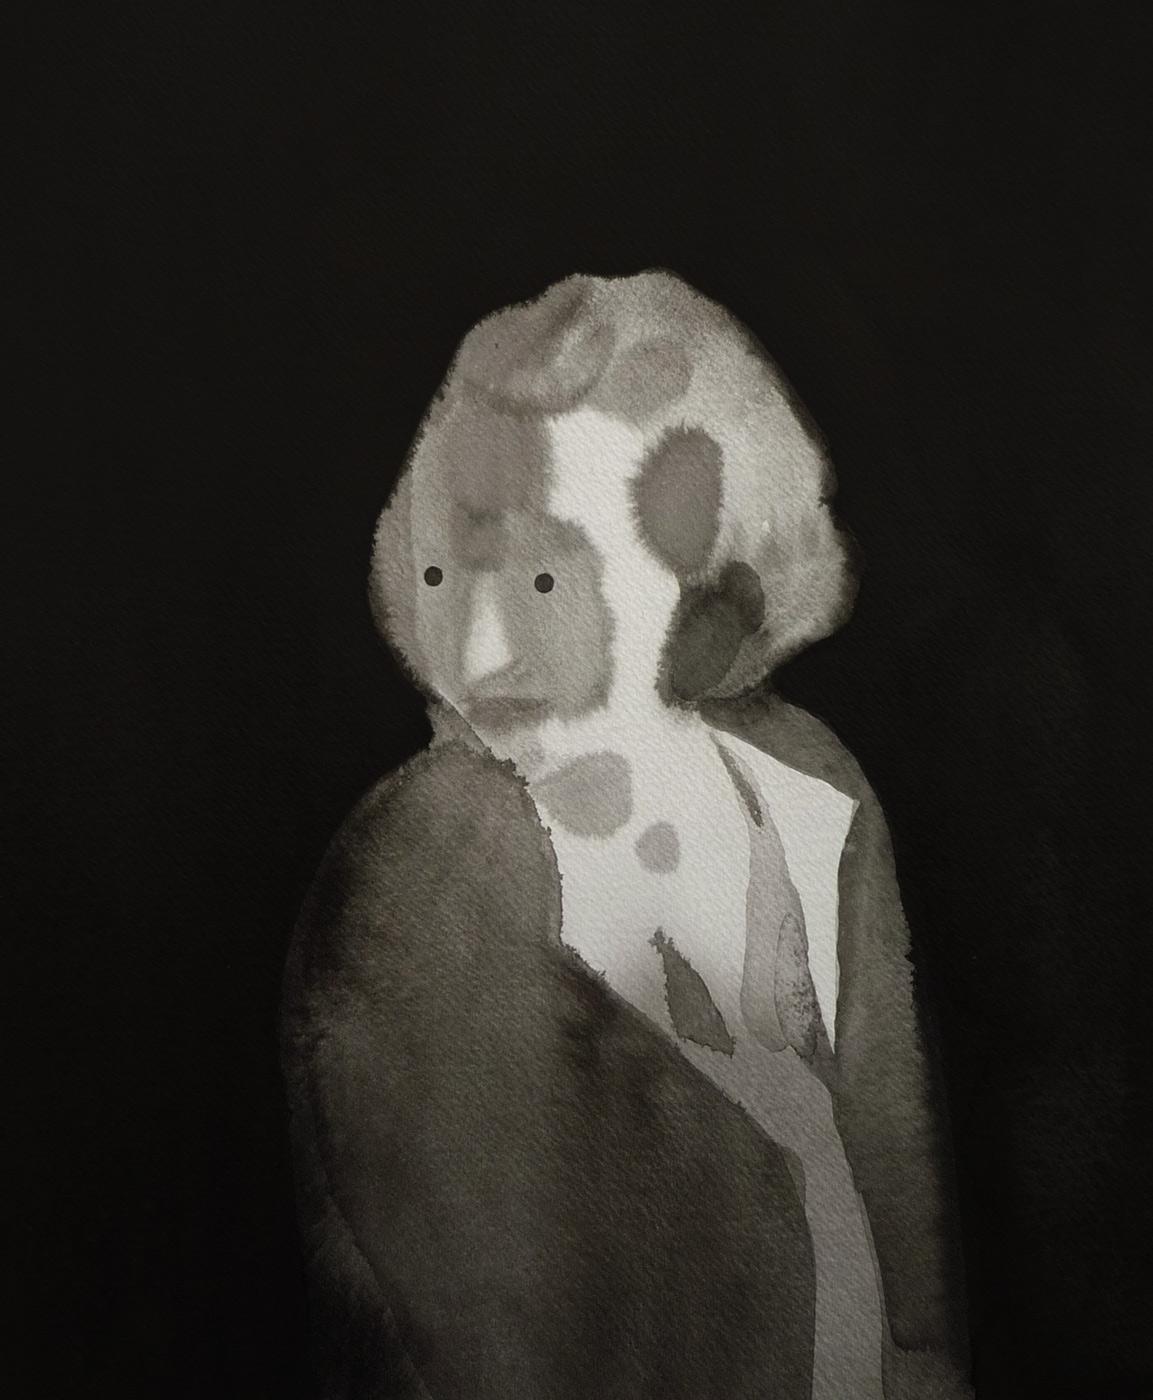 Una señora de cierta edad, 2010